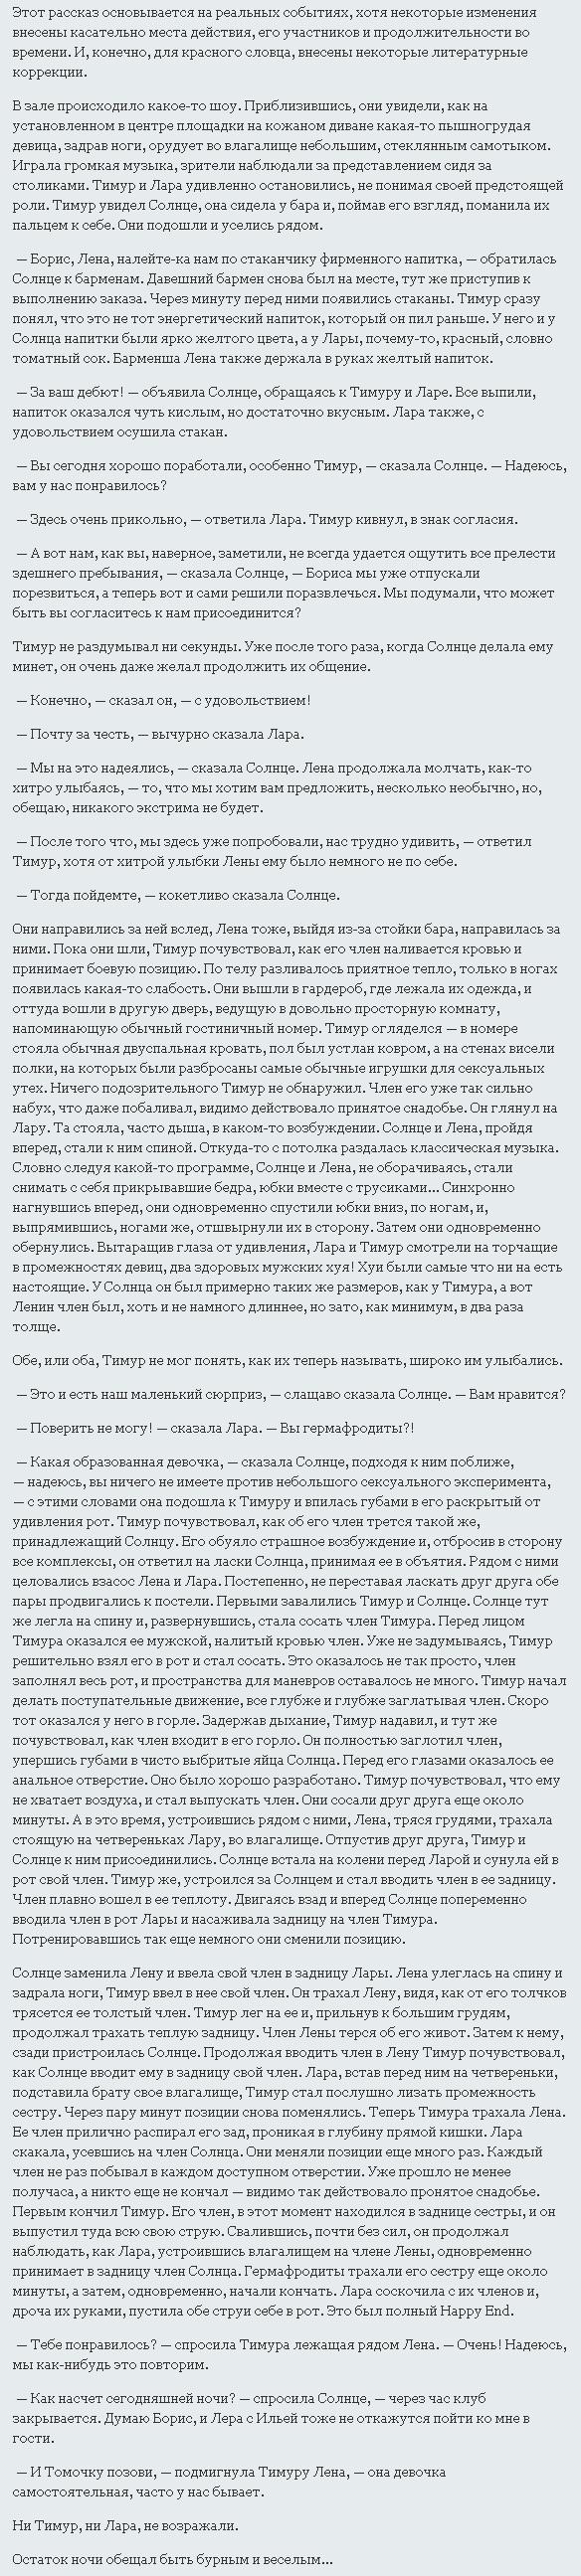 Порно рассказ Тимур и его команда